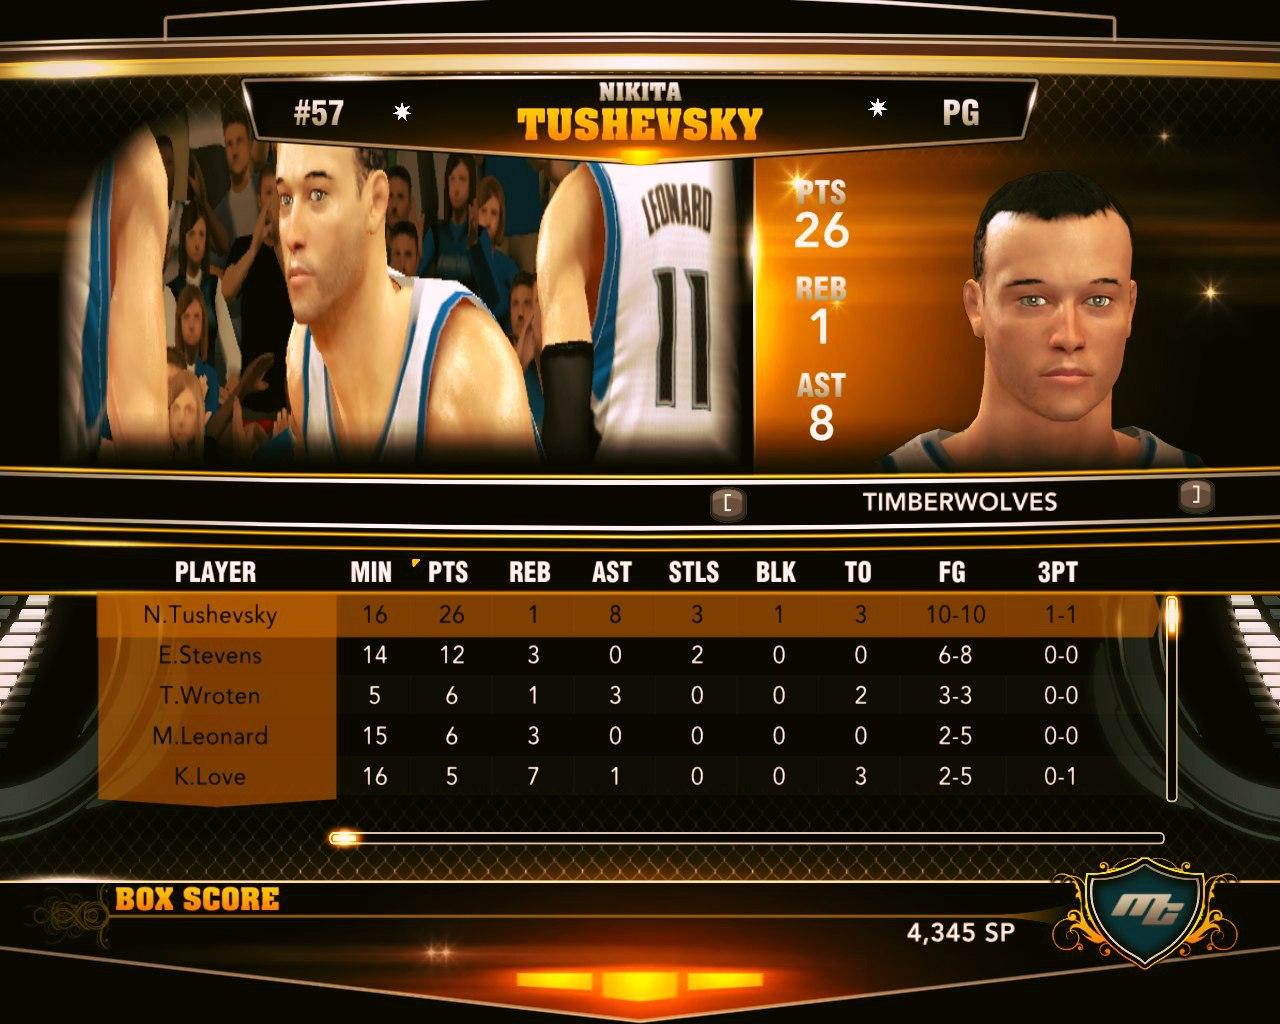 Идеальные 26 очков в НБА2К13